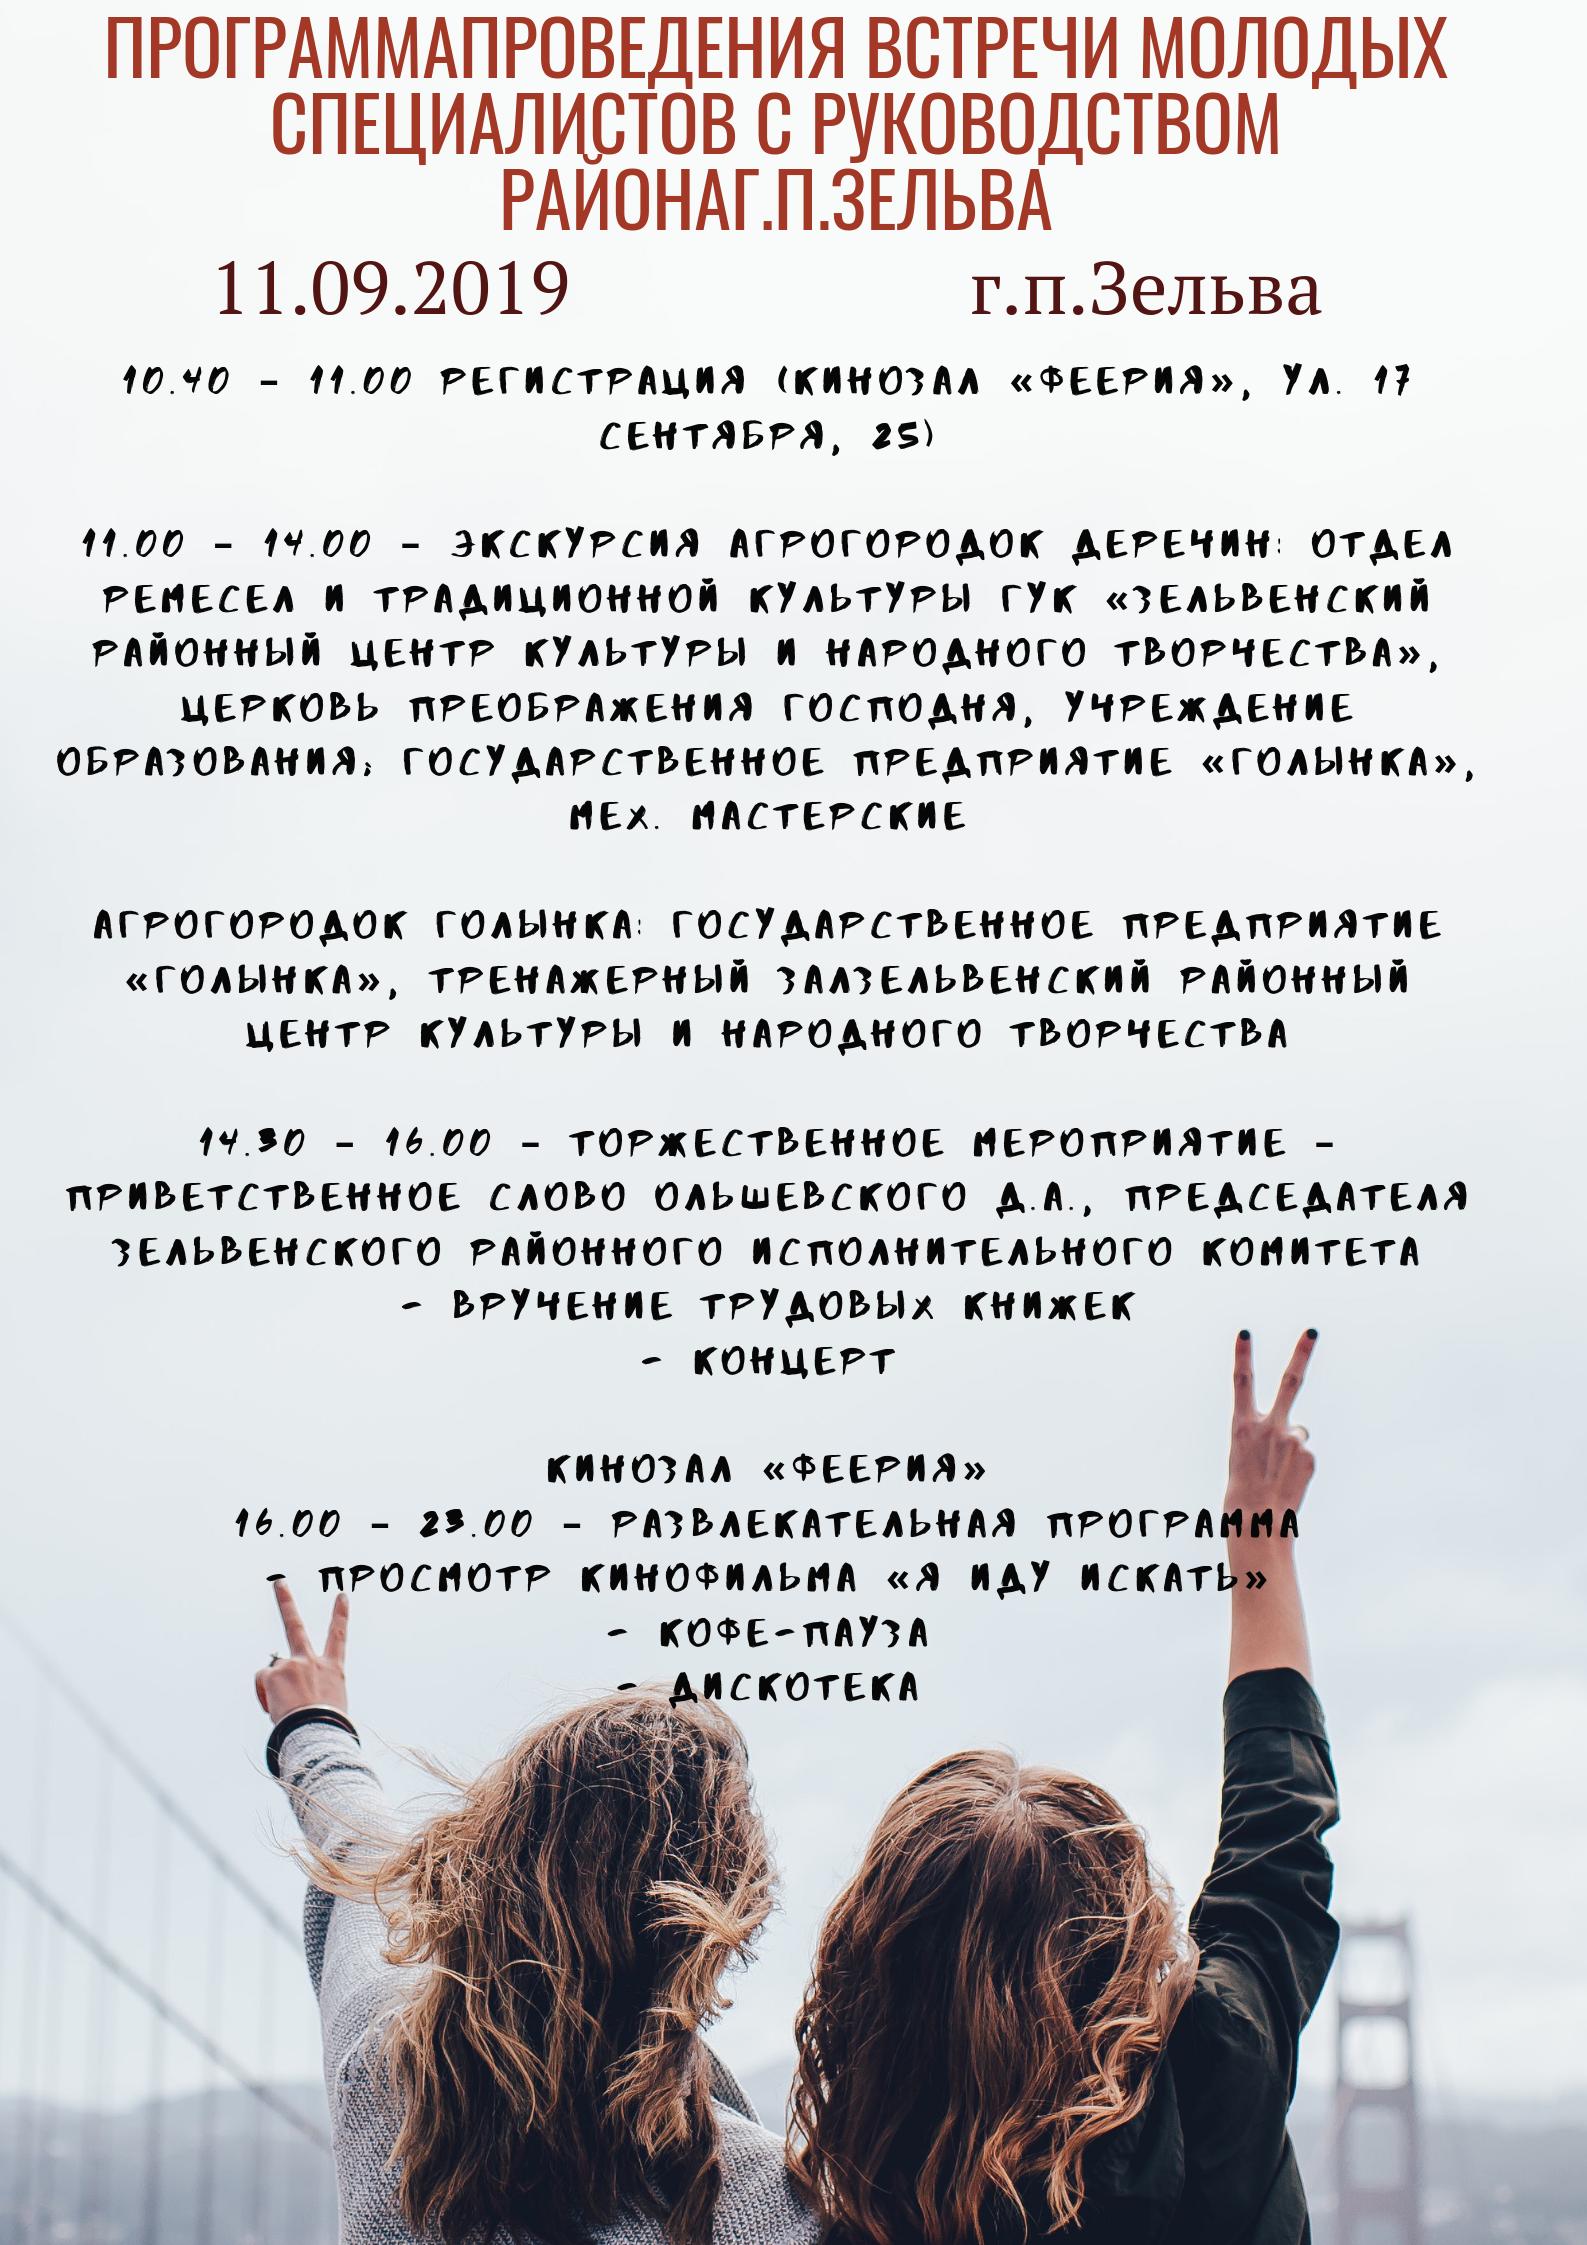 Программапроведения встречи молодых специалистов с руководством района (1)